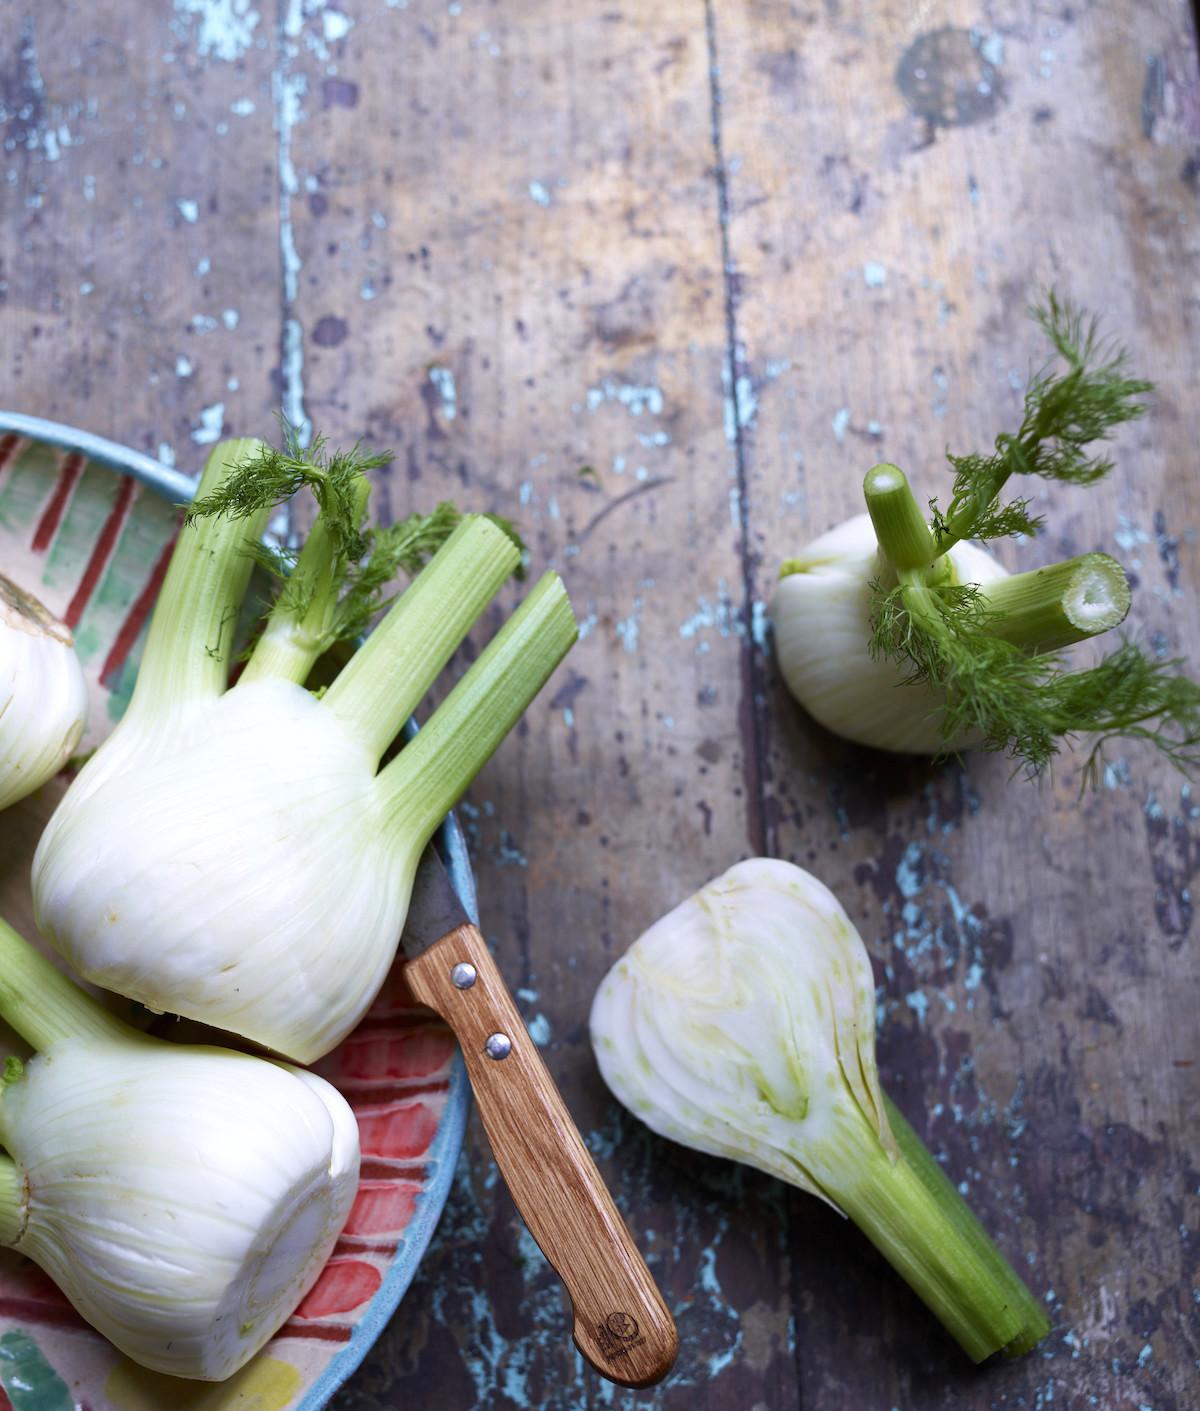 Recettes de fenouil id es de recettes base de fenouil - Comment cuisiner fenouil ...